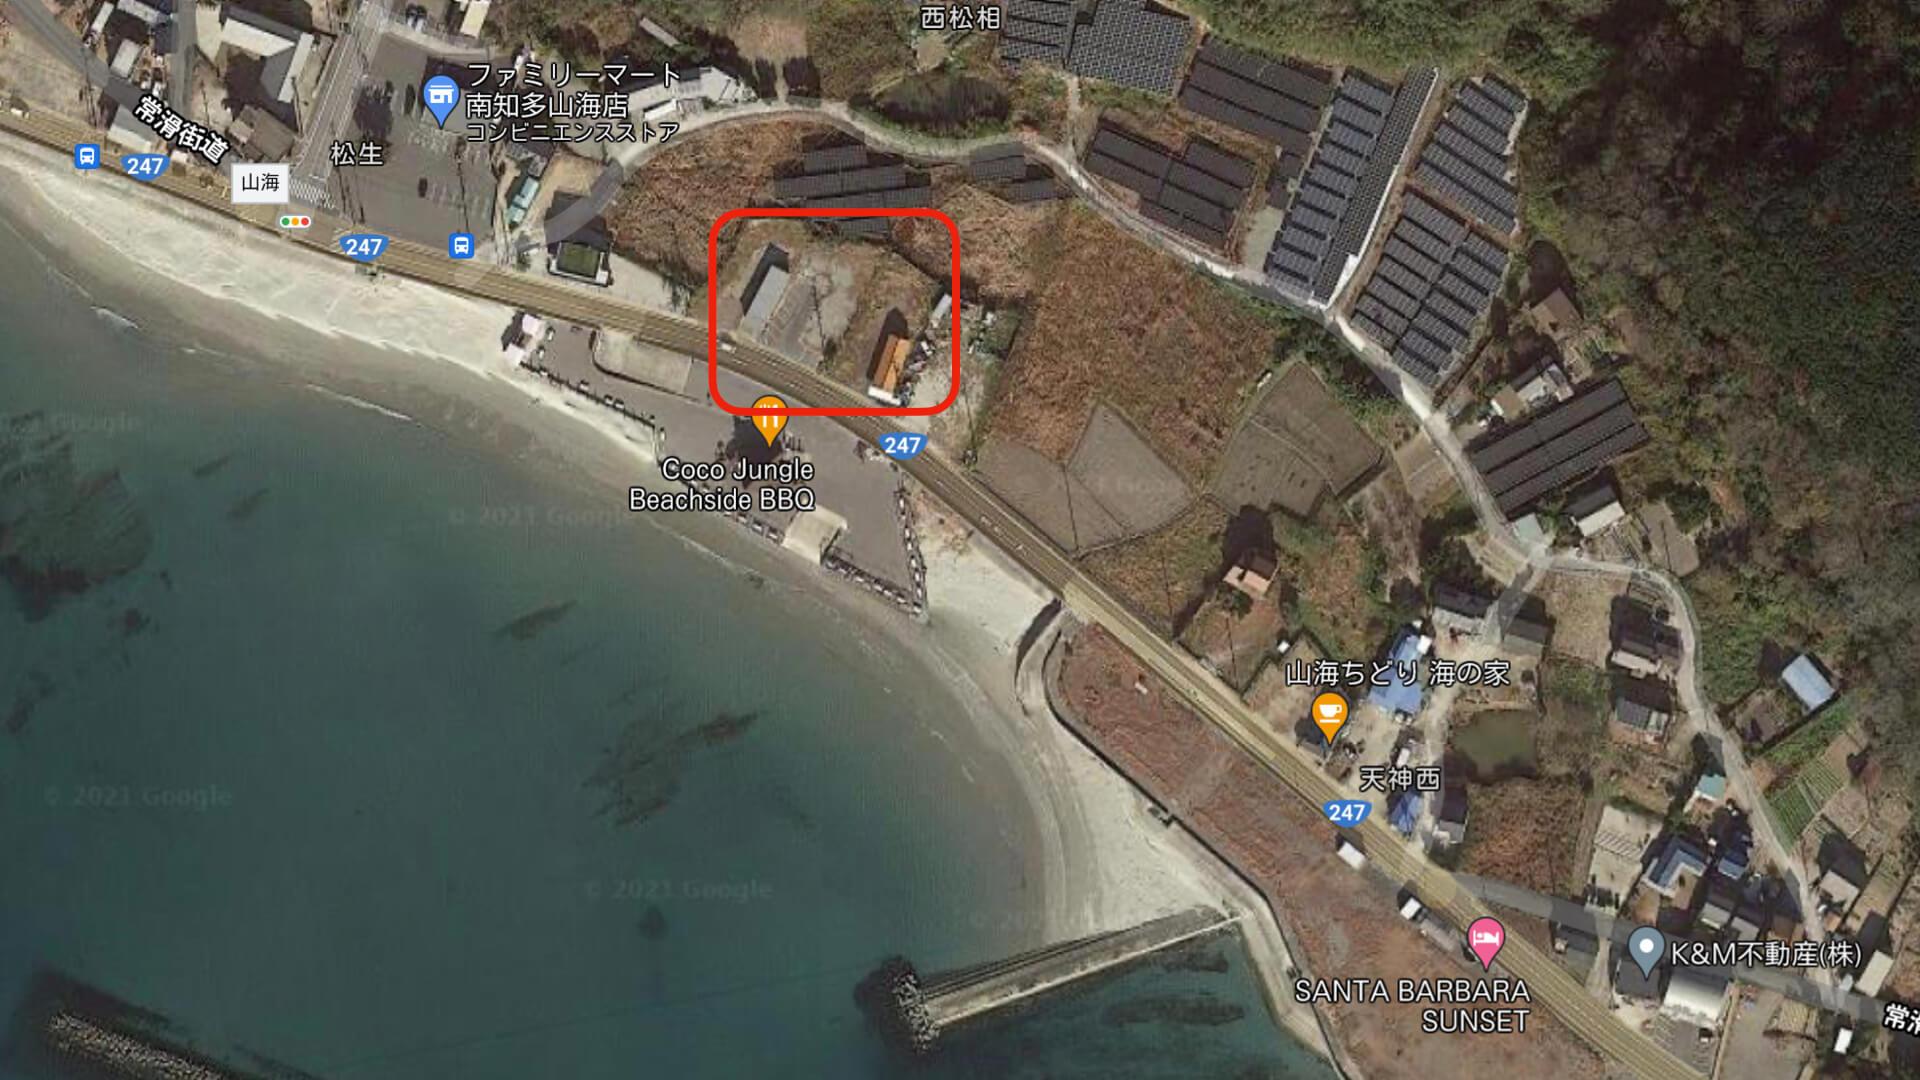 山海海水浴場で磯遊びするなら駐車場はここー愛知県で子供と磯遊びするなら山海海水浴場!駐車場&ランチ情報